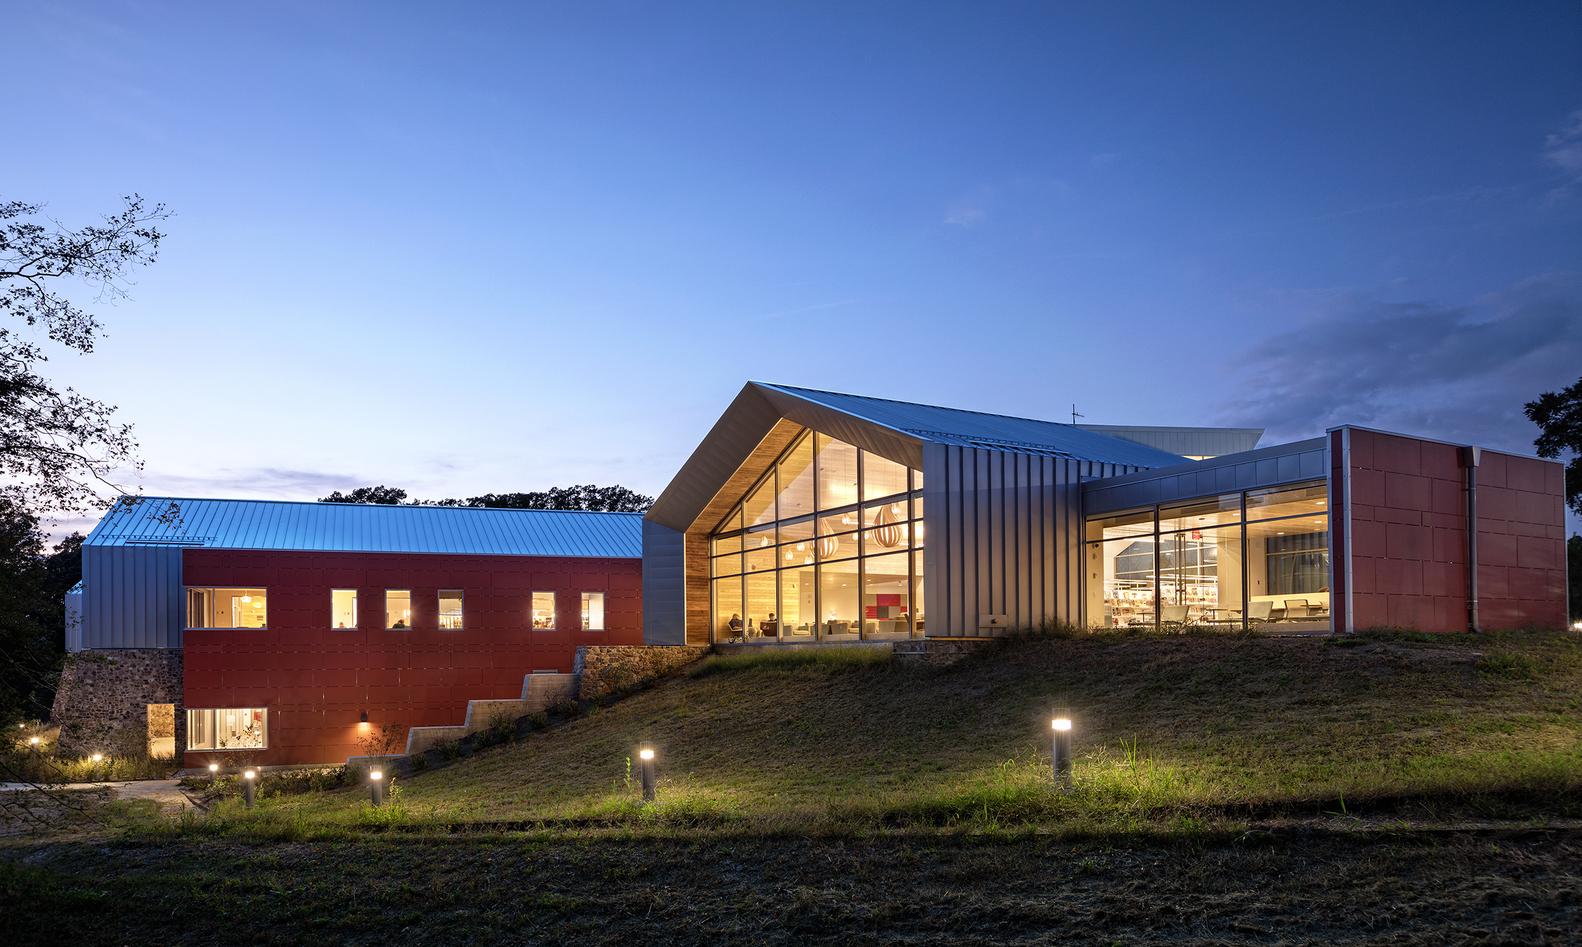 Varina Area Library in Amerika